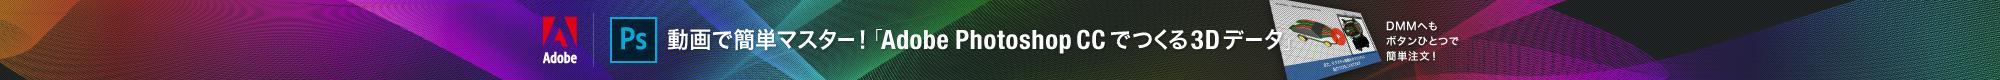 Photoshop CCでつくる、カンタン手軽なDMM 3D